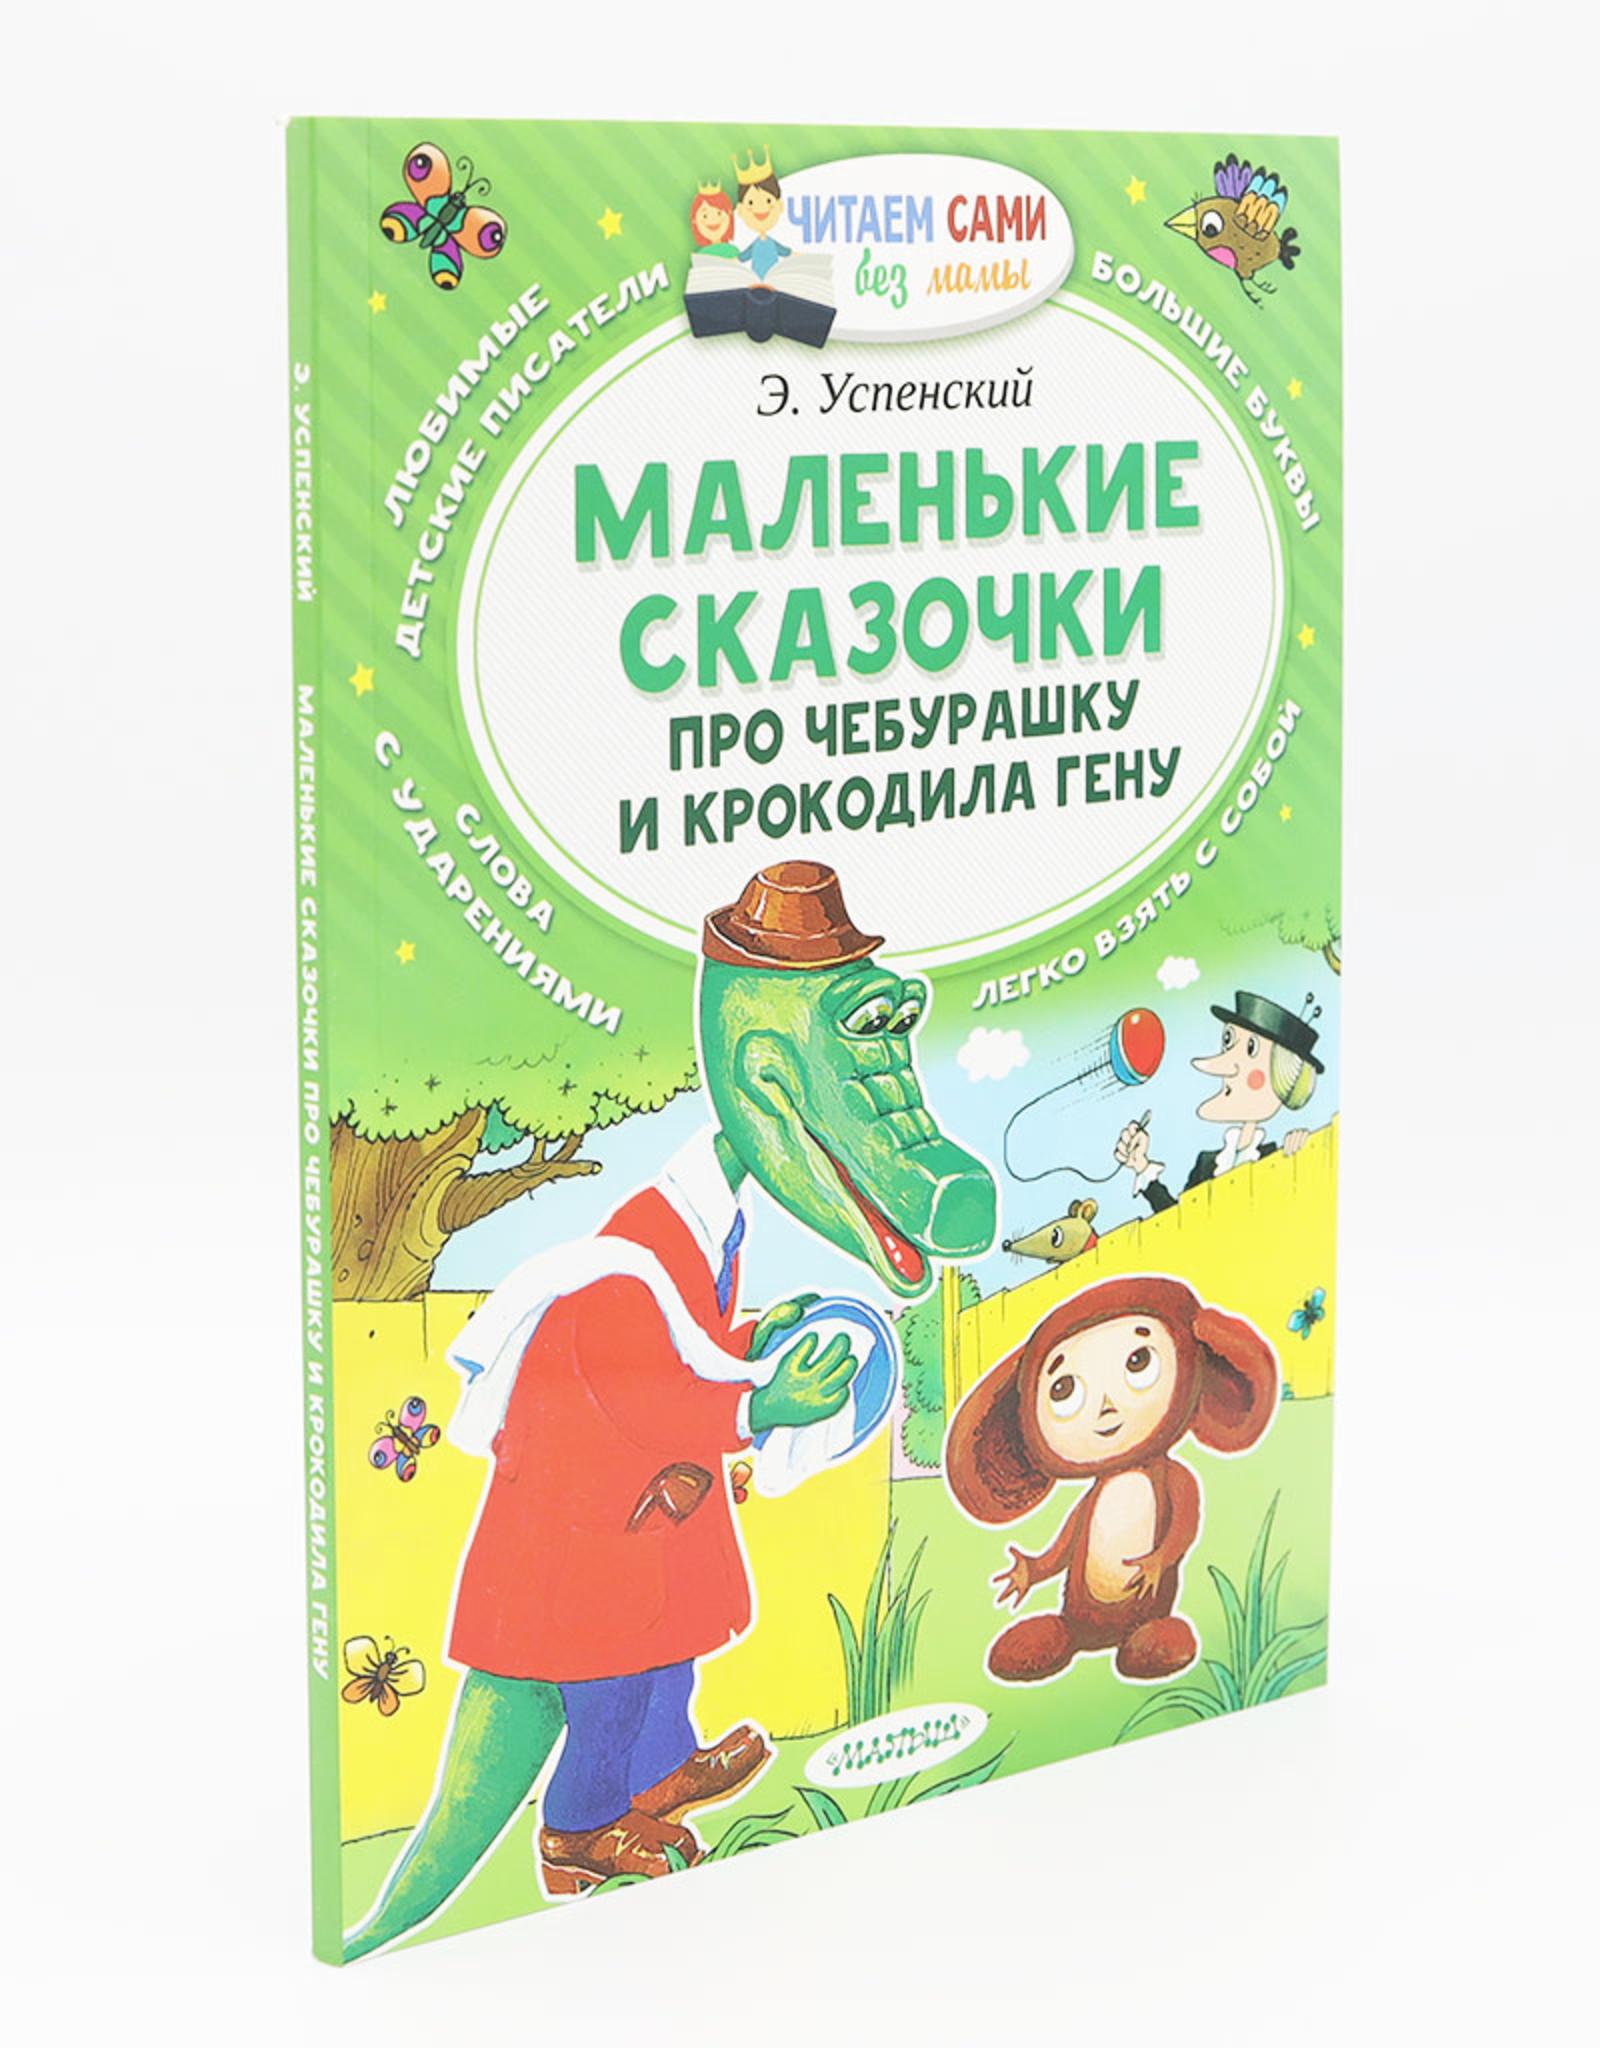 Читаем Сами без Мамы, Маленькие Сказочки Про Чебурашку и Крокодила Гену